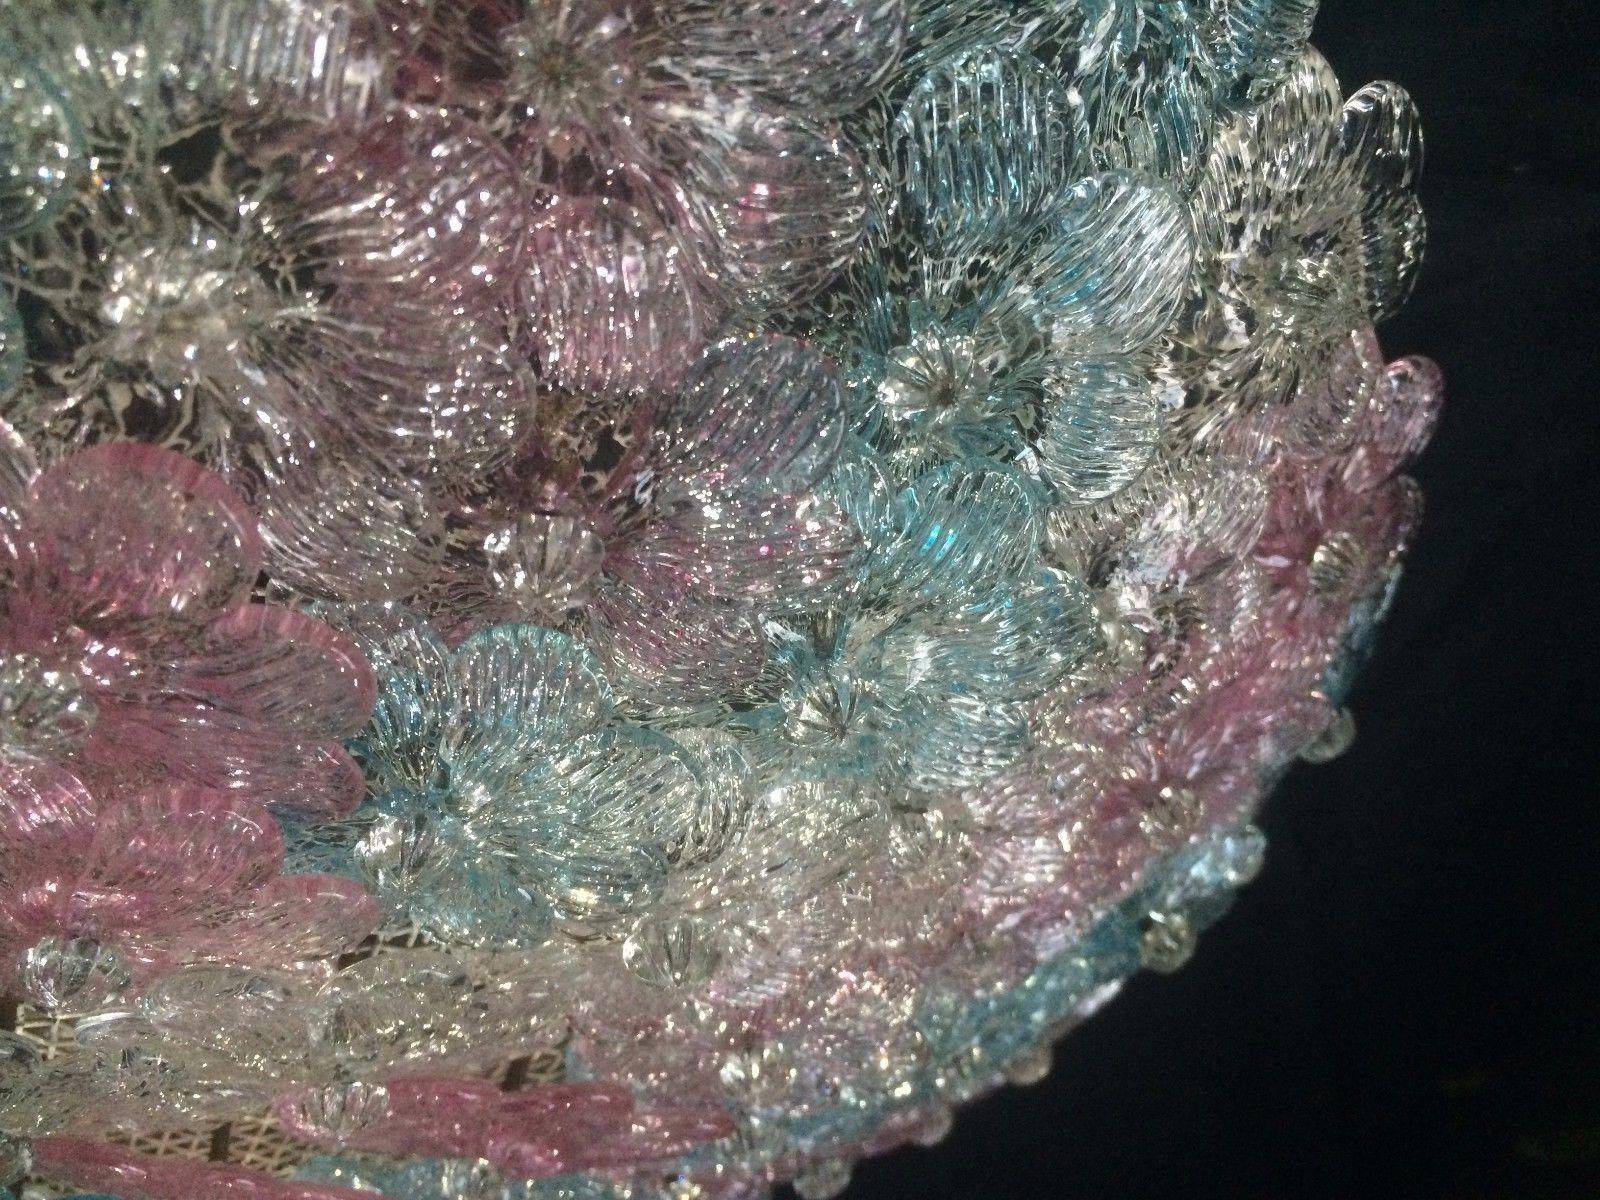 Plafoniere In Vetro Di Murano : Ca venier plafoniera luci in vetro di murano amazon